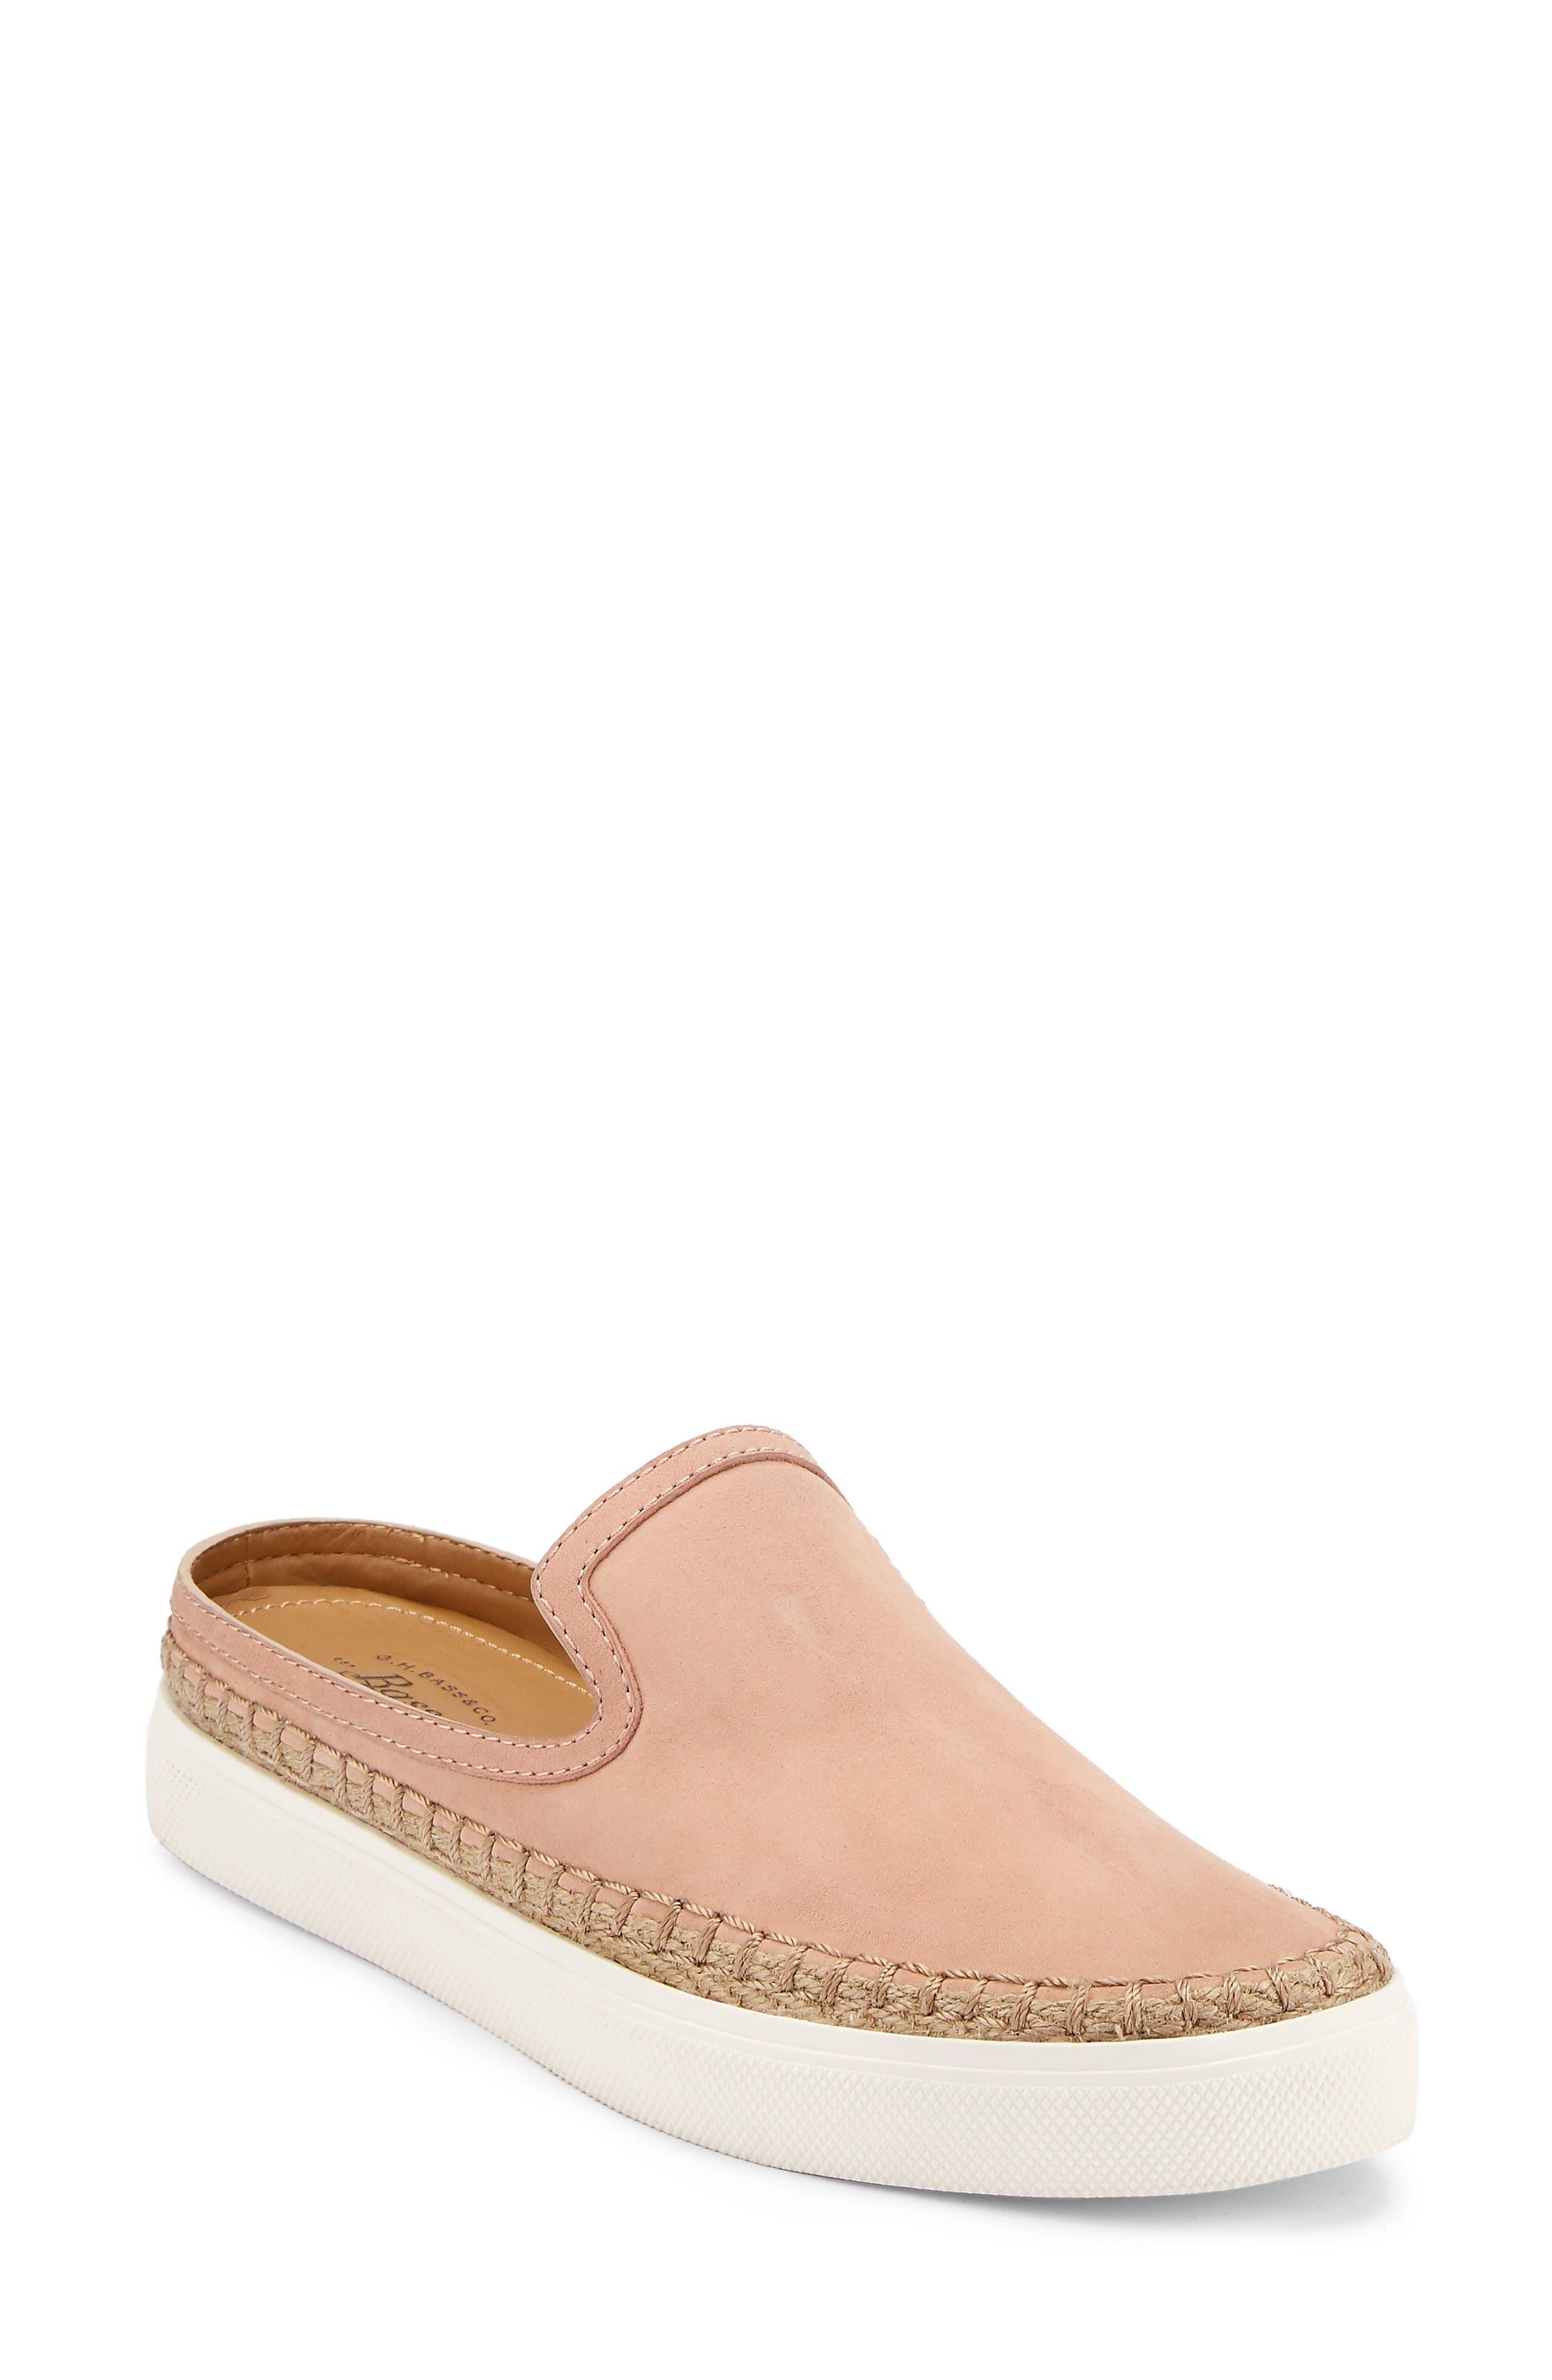 Main Image - G.H. Bass & Co. Lola Slip-On Sneaker (Women)